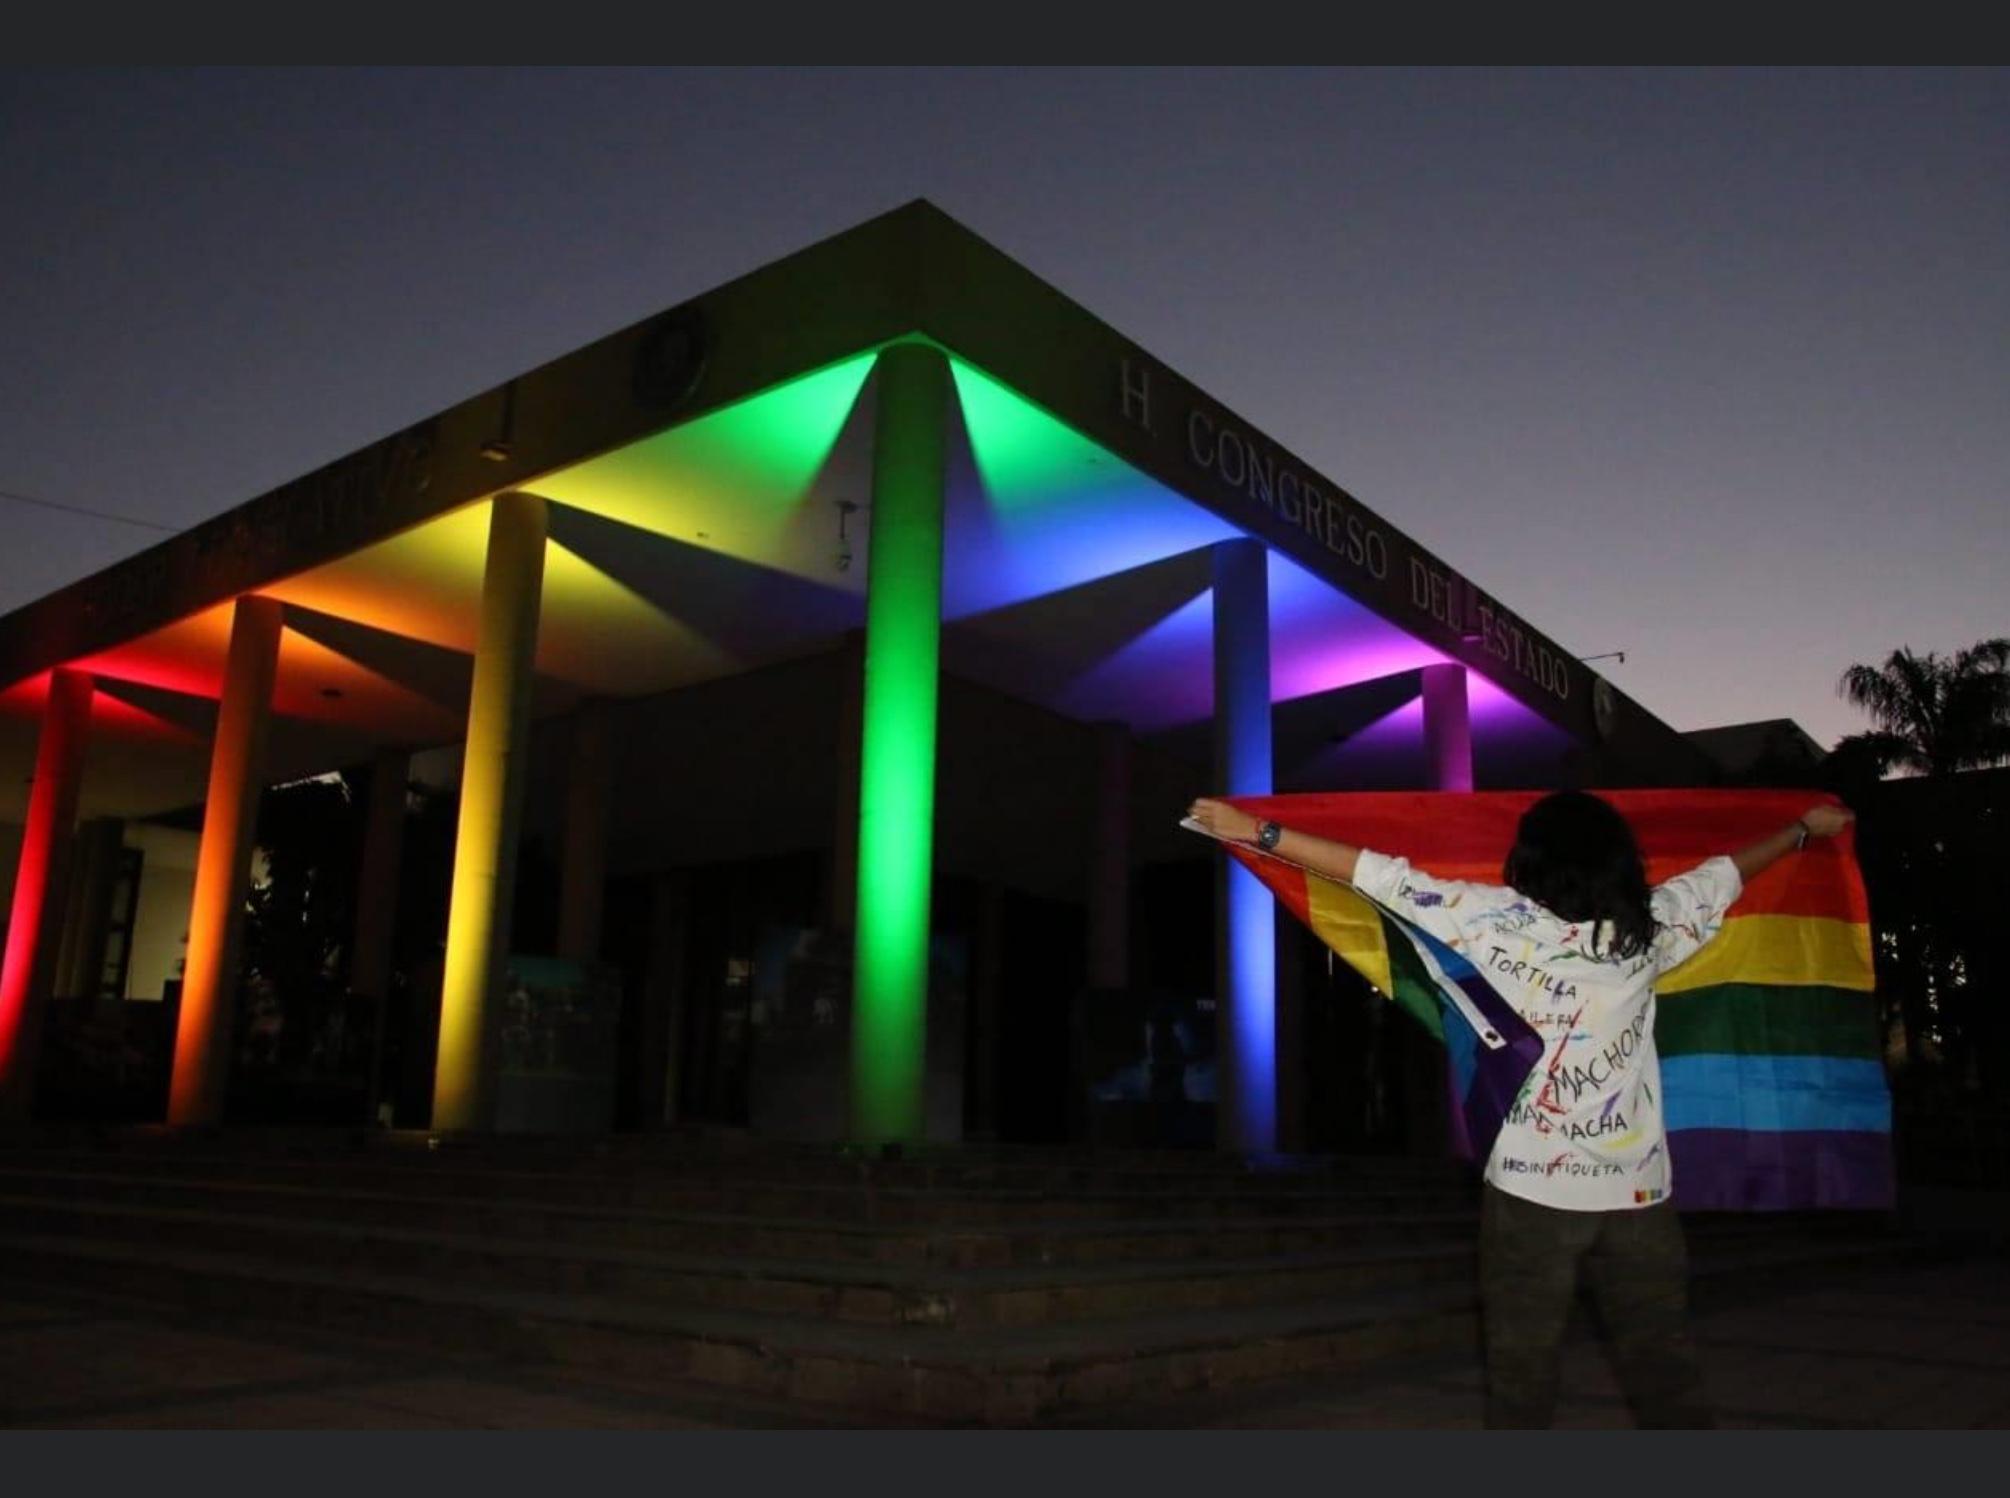 Quieren arcoíris en edificios públicos de Toluca y Metepec